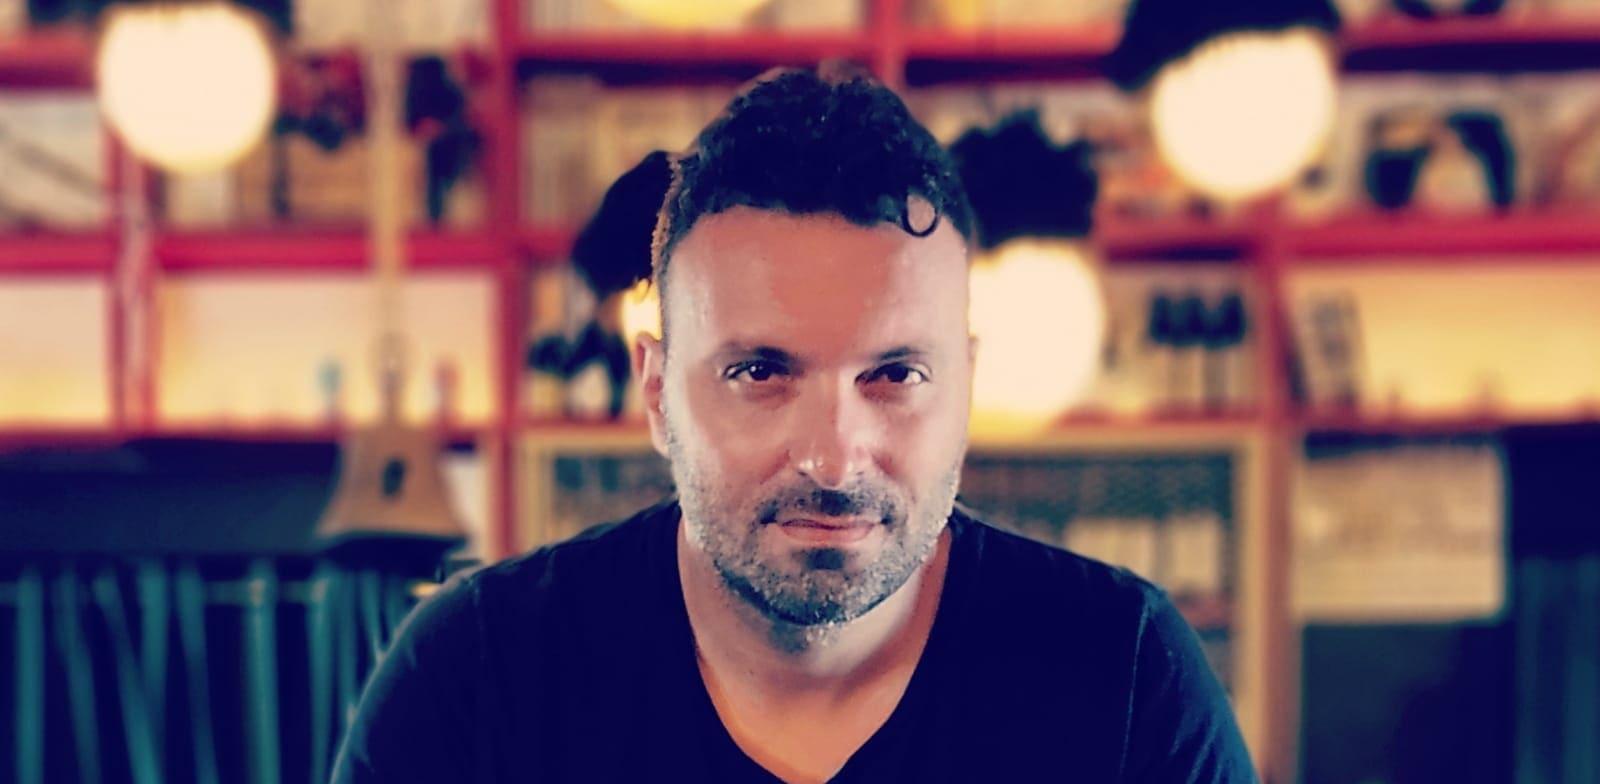 מיקי מיראל, בעלים משותף של מסעדת טש וטשה / צילום: יניב פסקל